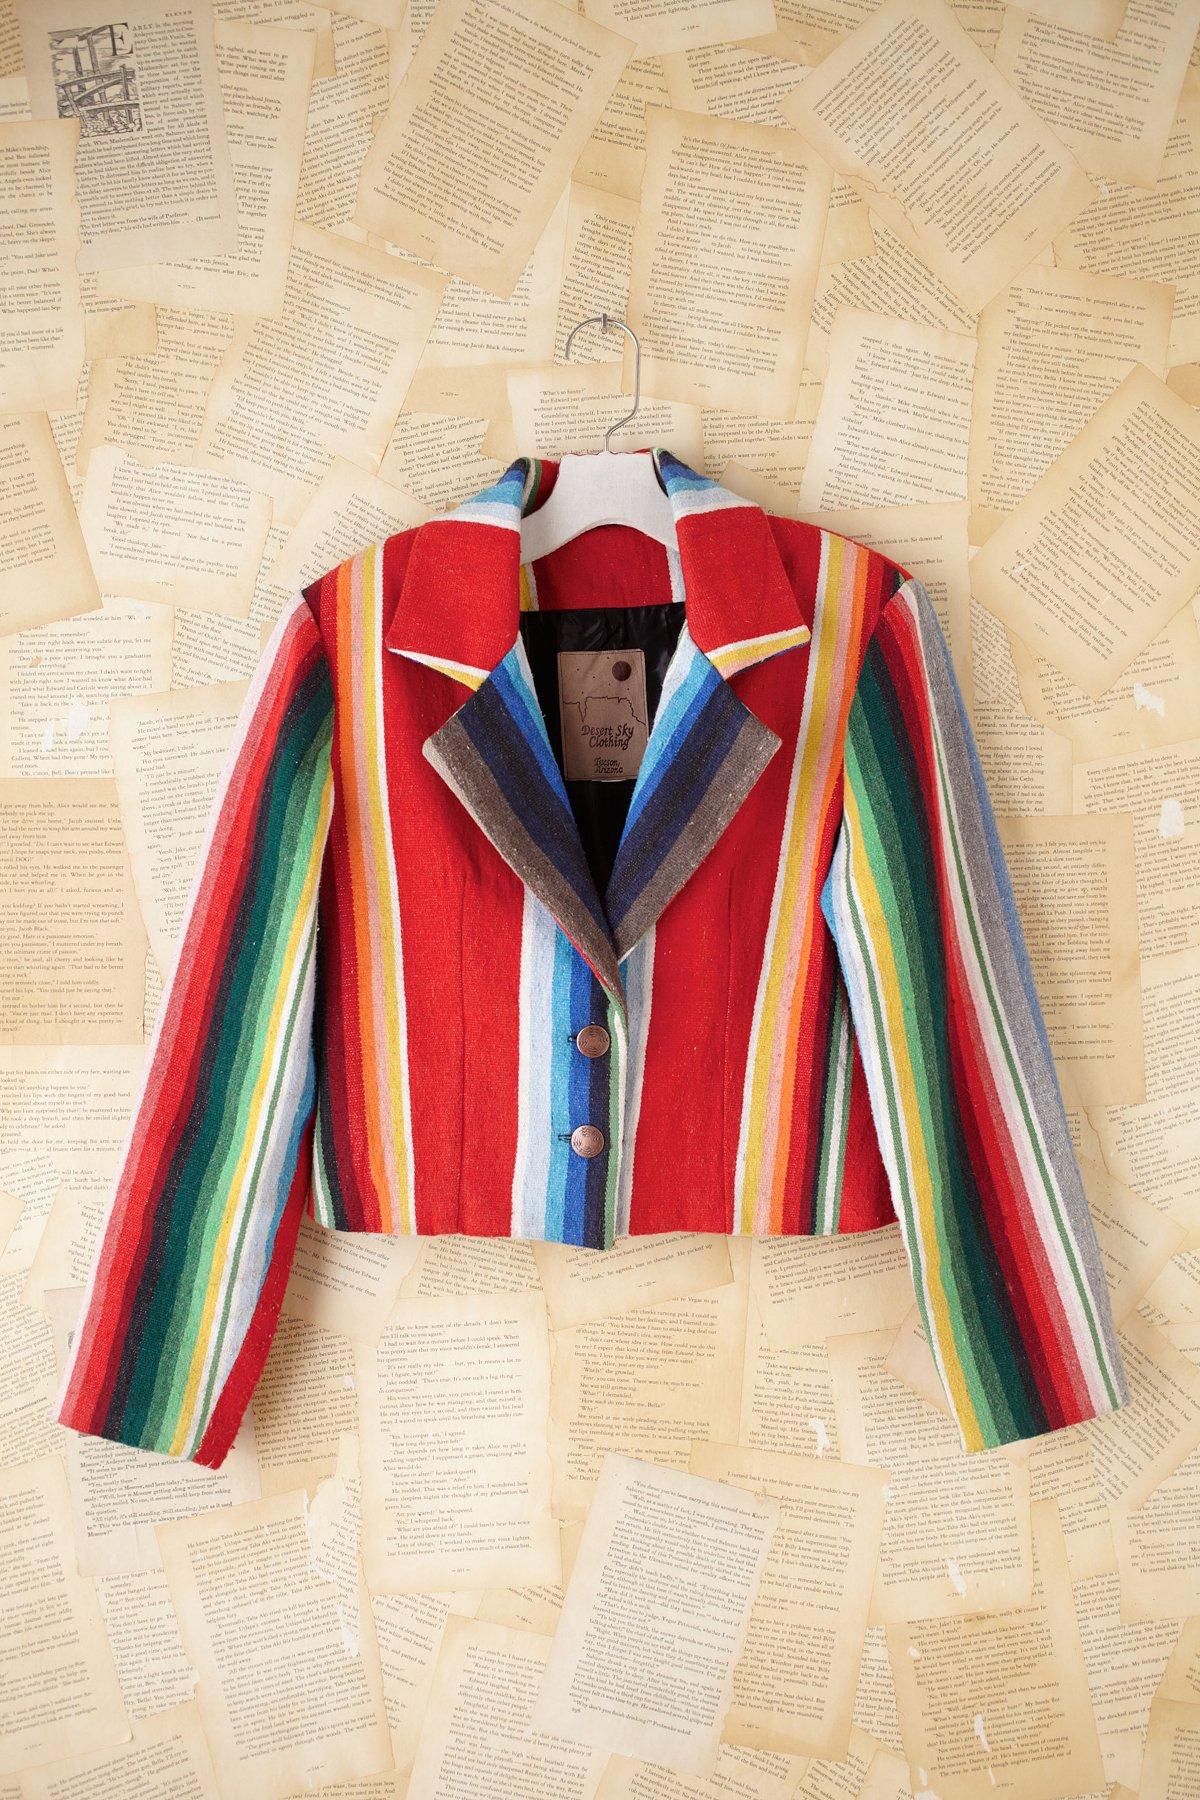 Vintage Printed Jacket